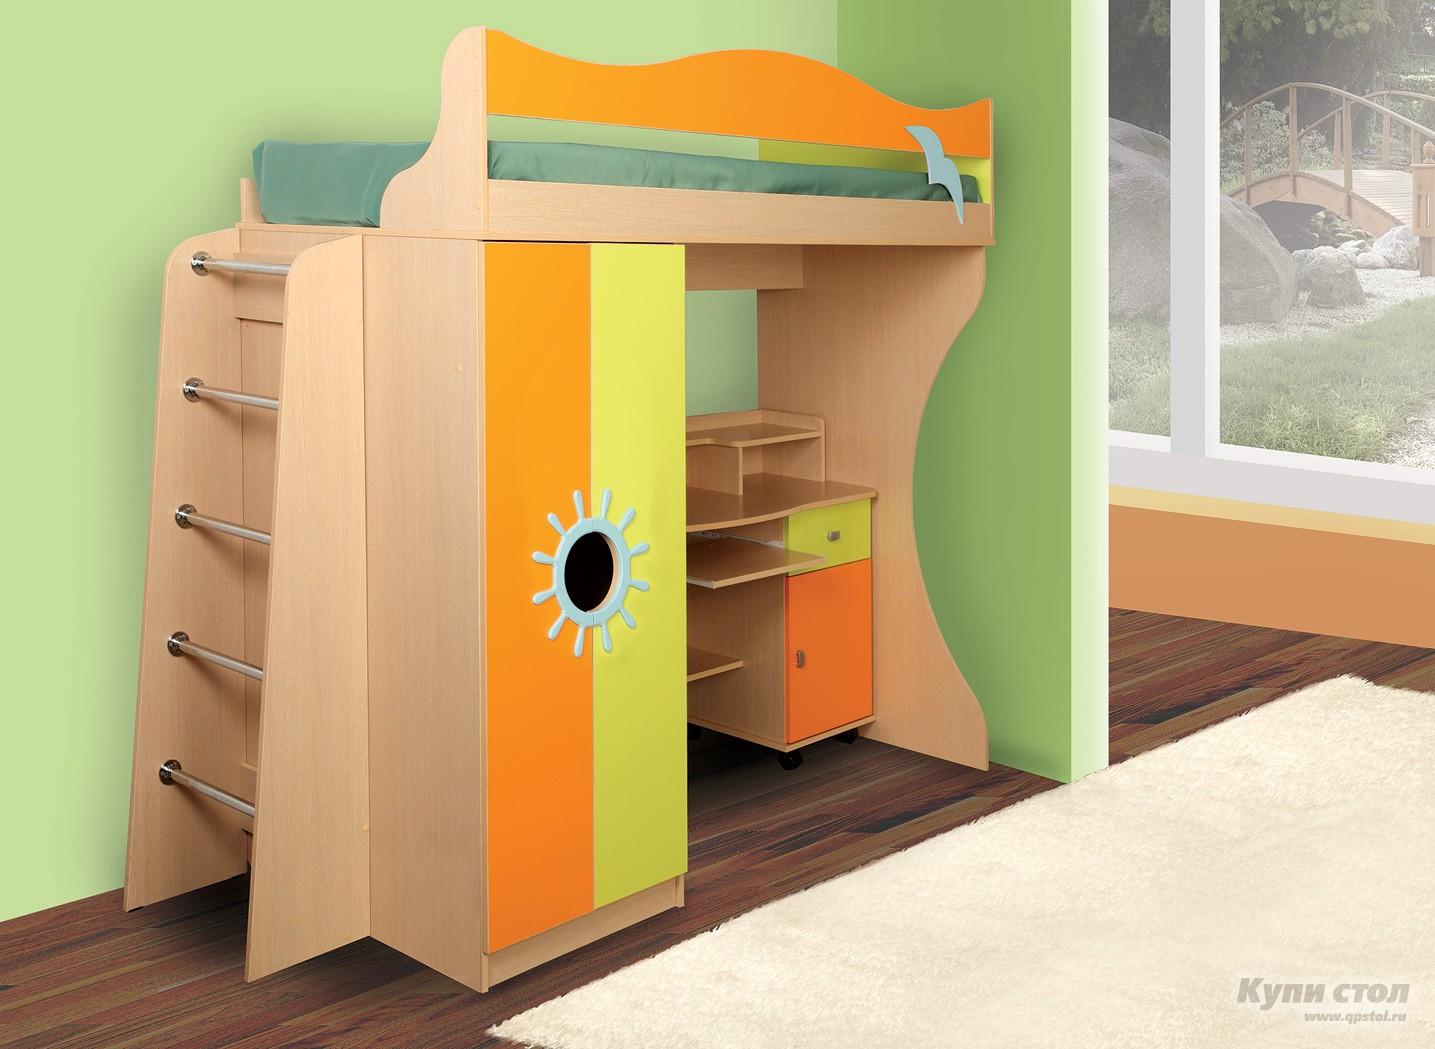 Кровать Д1 стандарт КупиСтол.Ru 12130.000